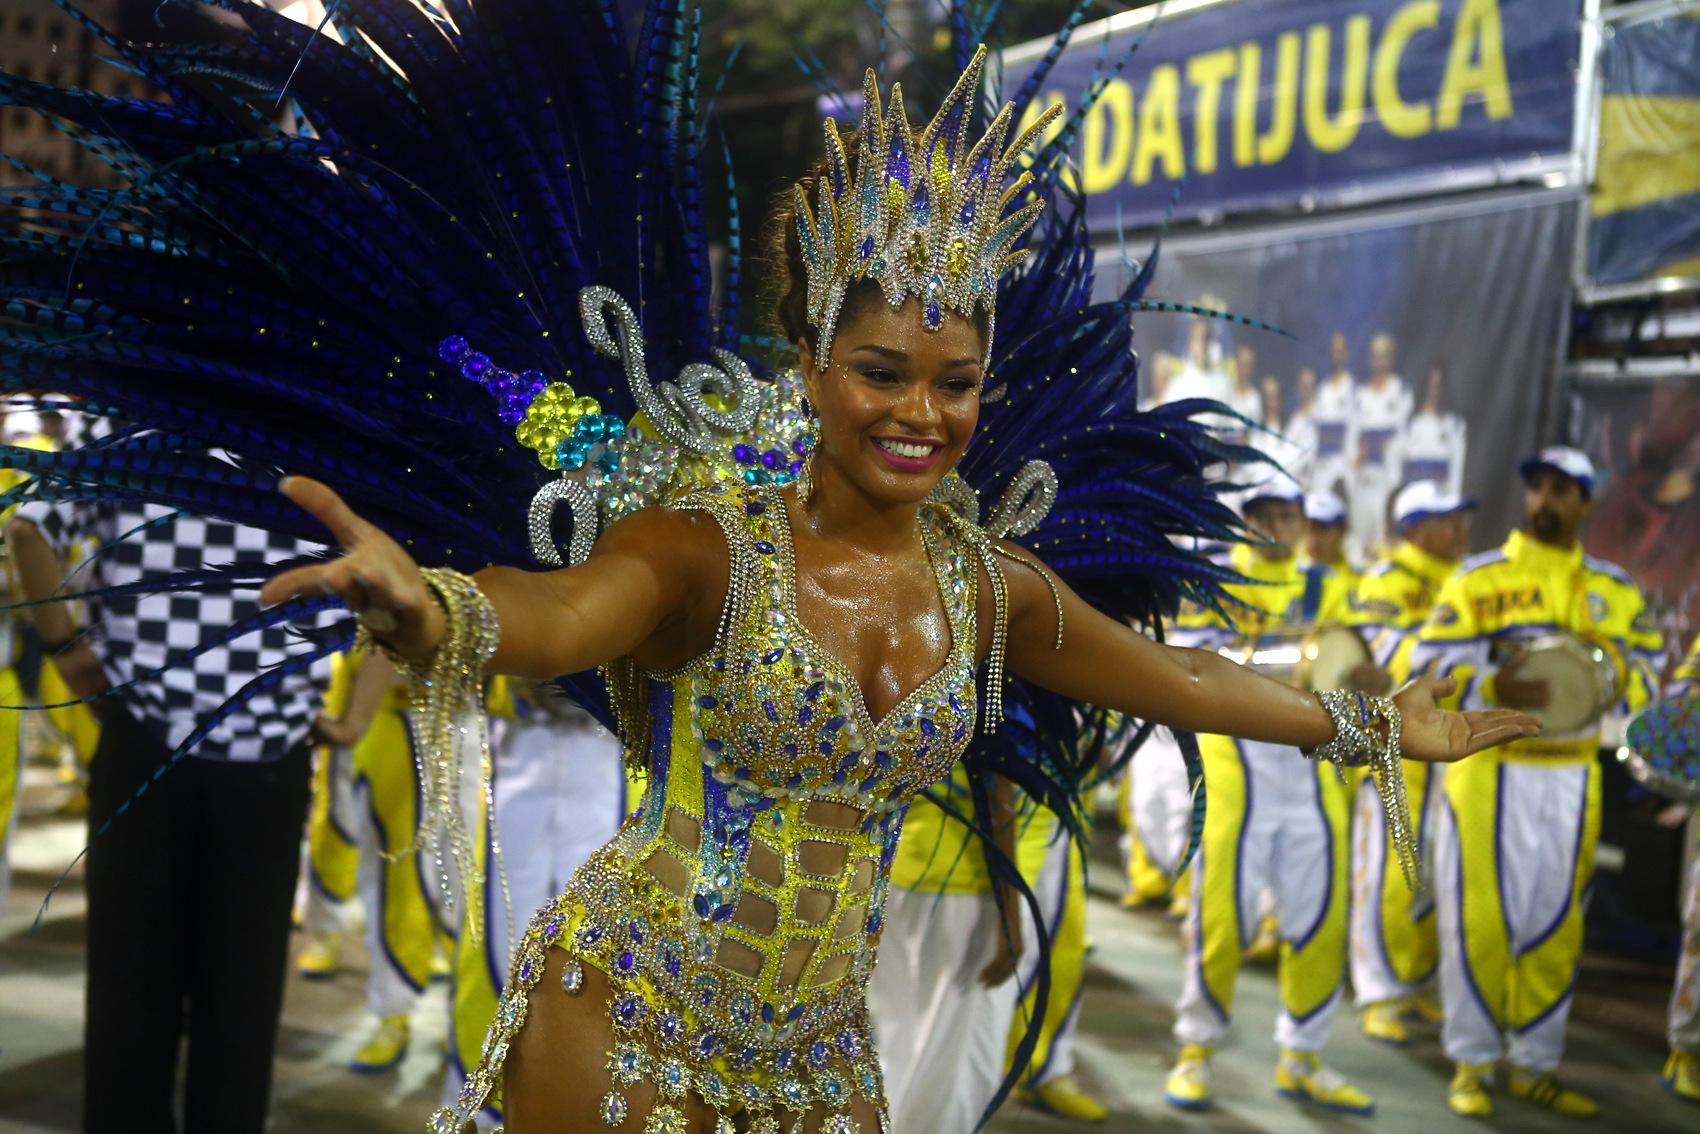 A rainha de bateria da Unidos da Tijuca, Juliana Alves, samba no desfile das campeãs do Rio de Janeiro